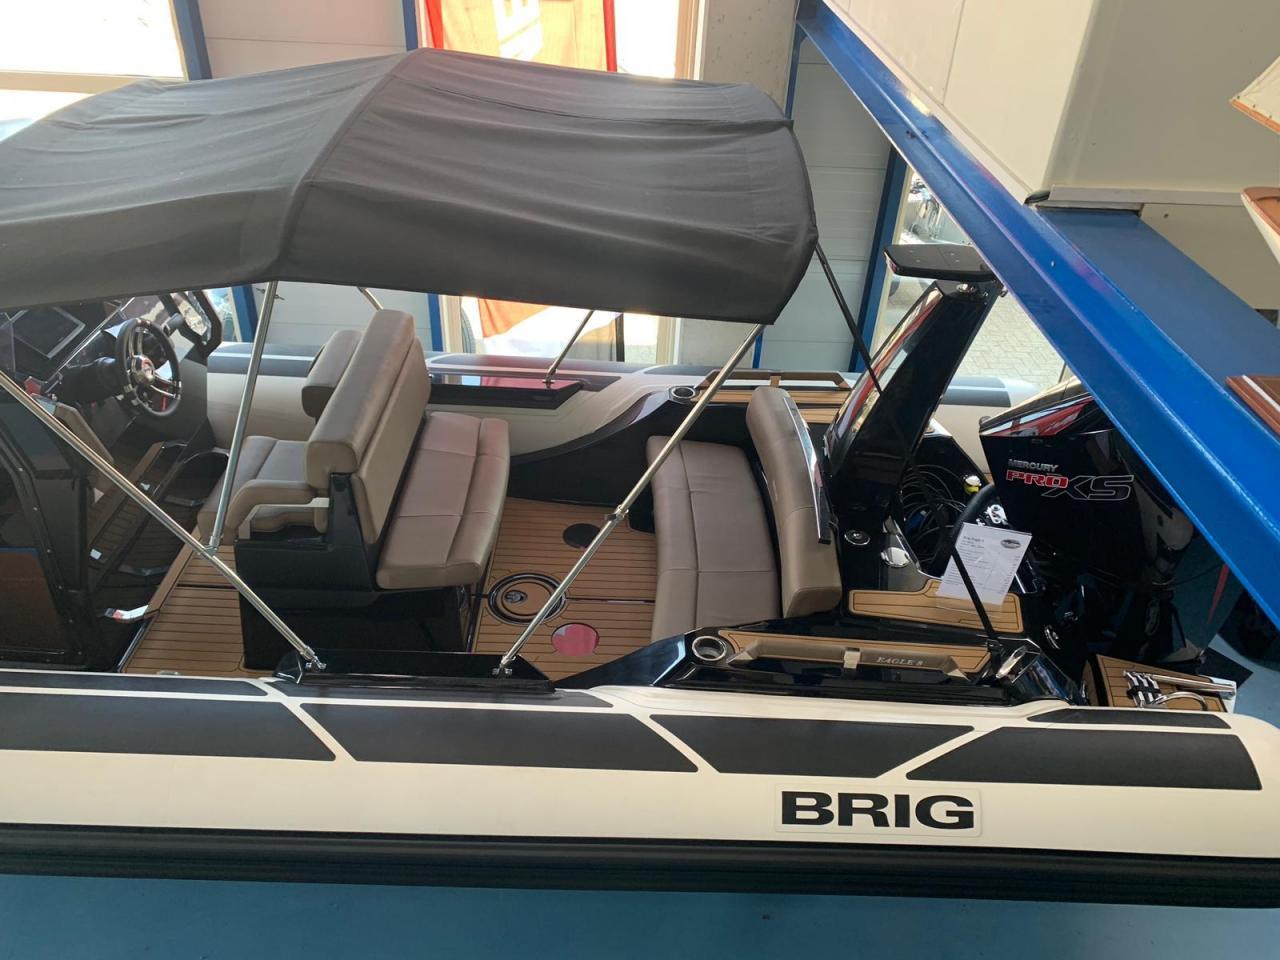 Brig Eagle 8 NIEUW met Mercury Verado 300 pro xs 4